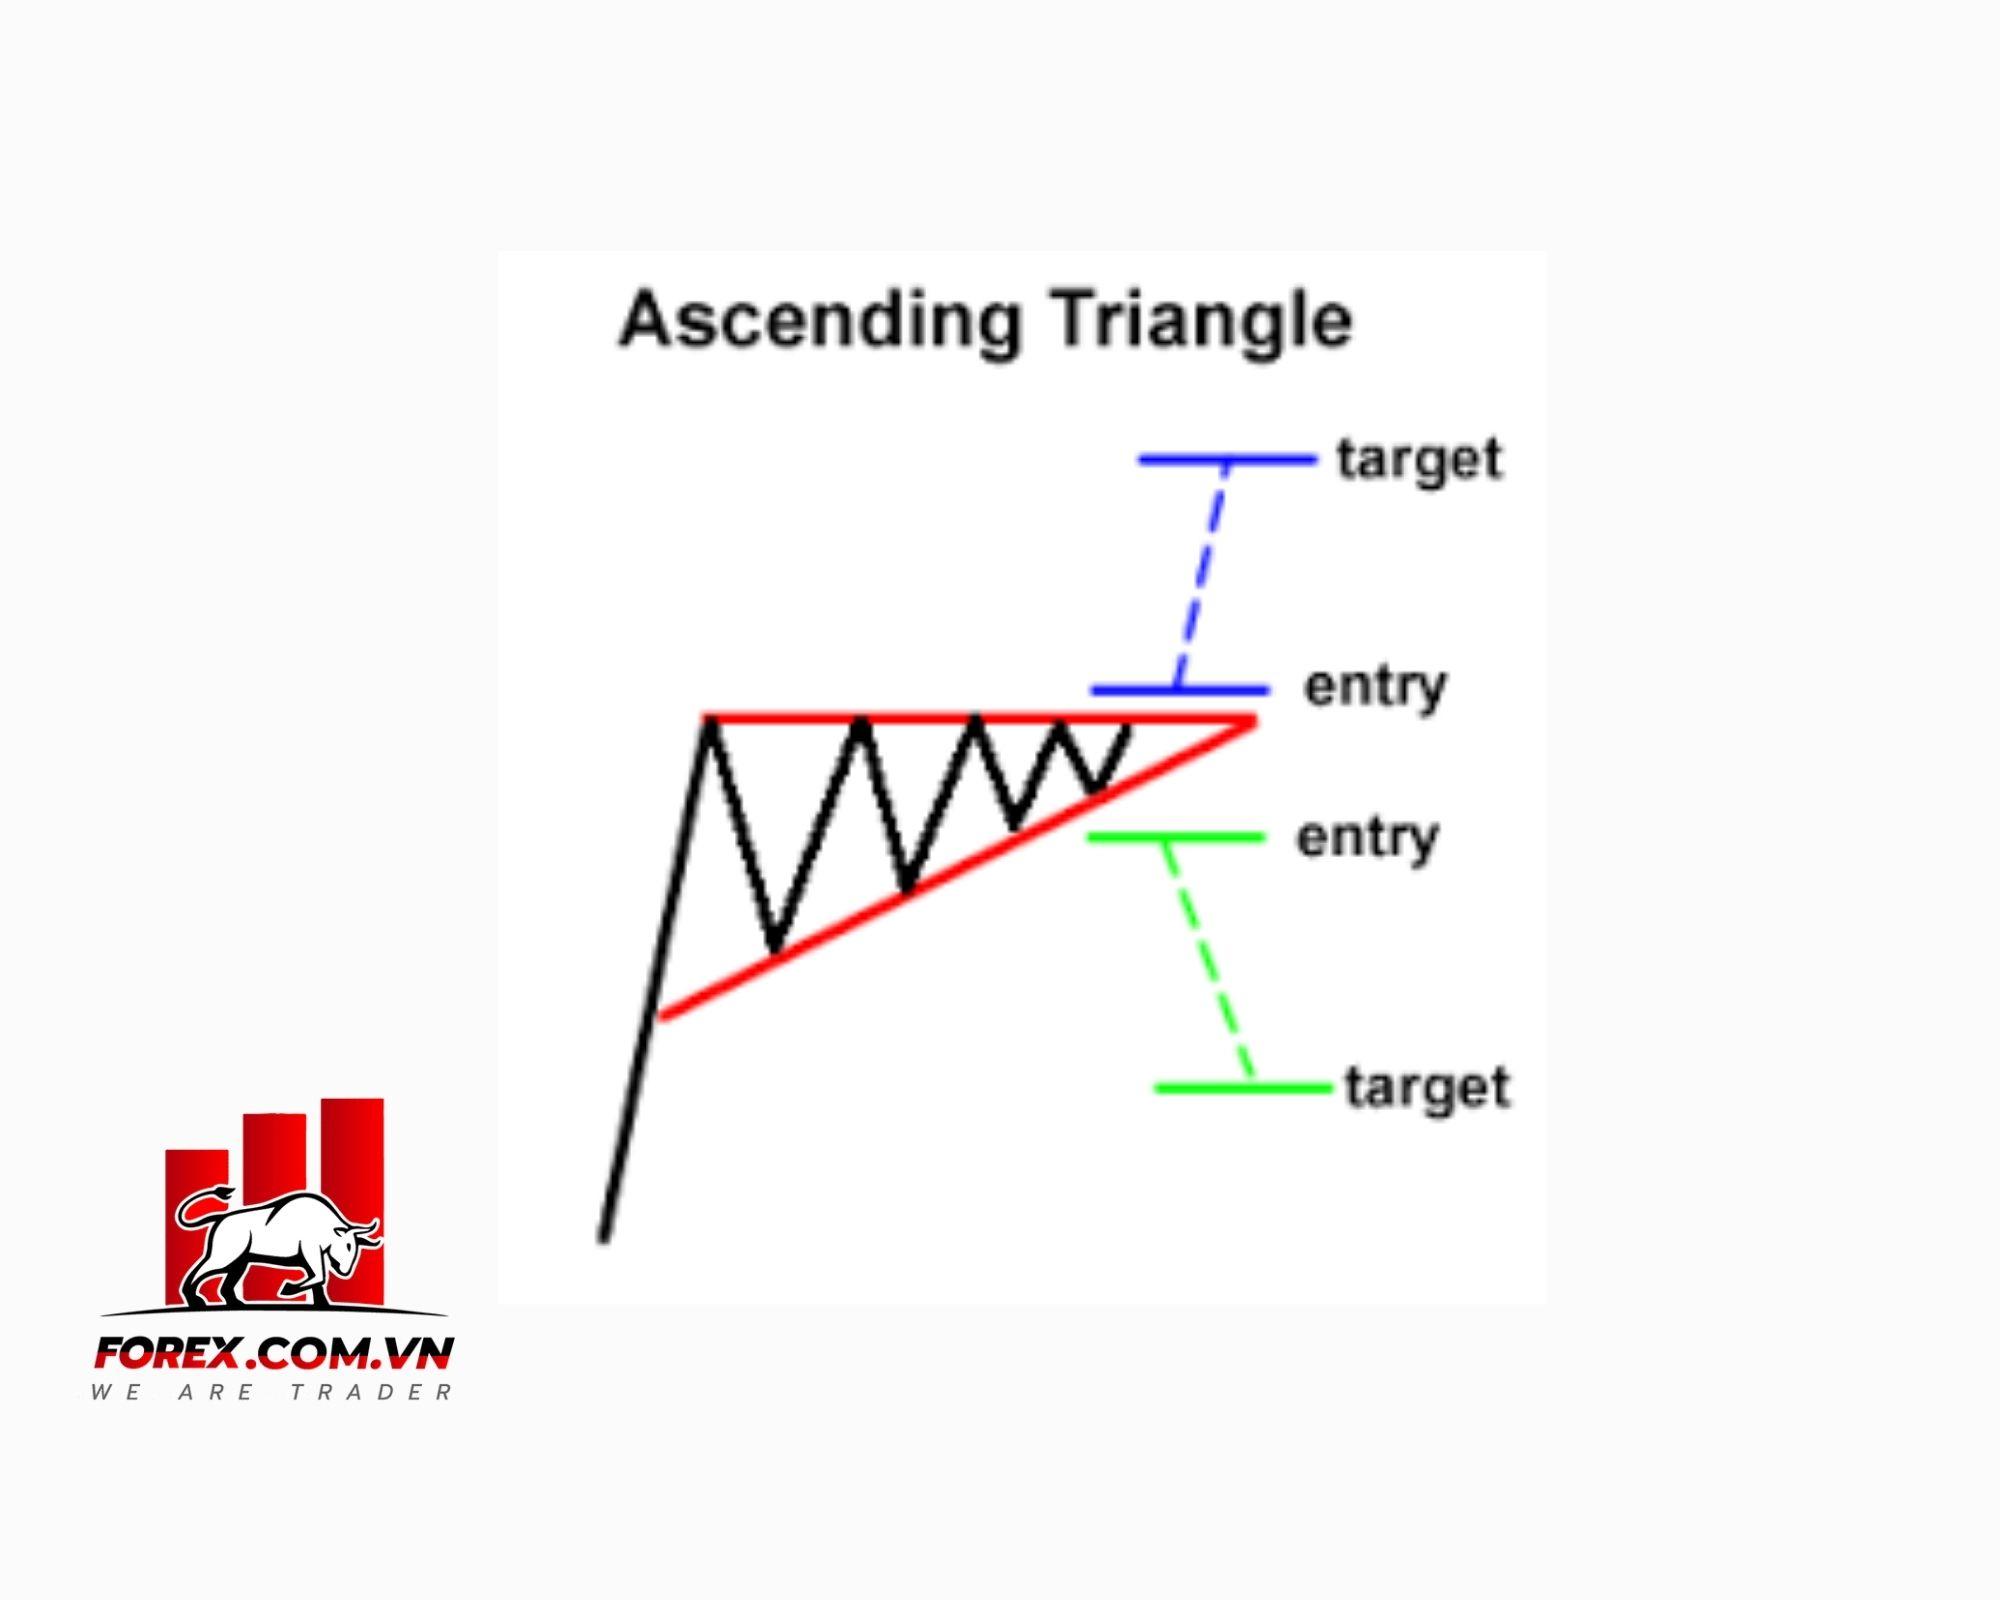 Mô hình tam giác tăng (Ascending Triangle)